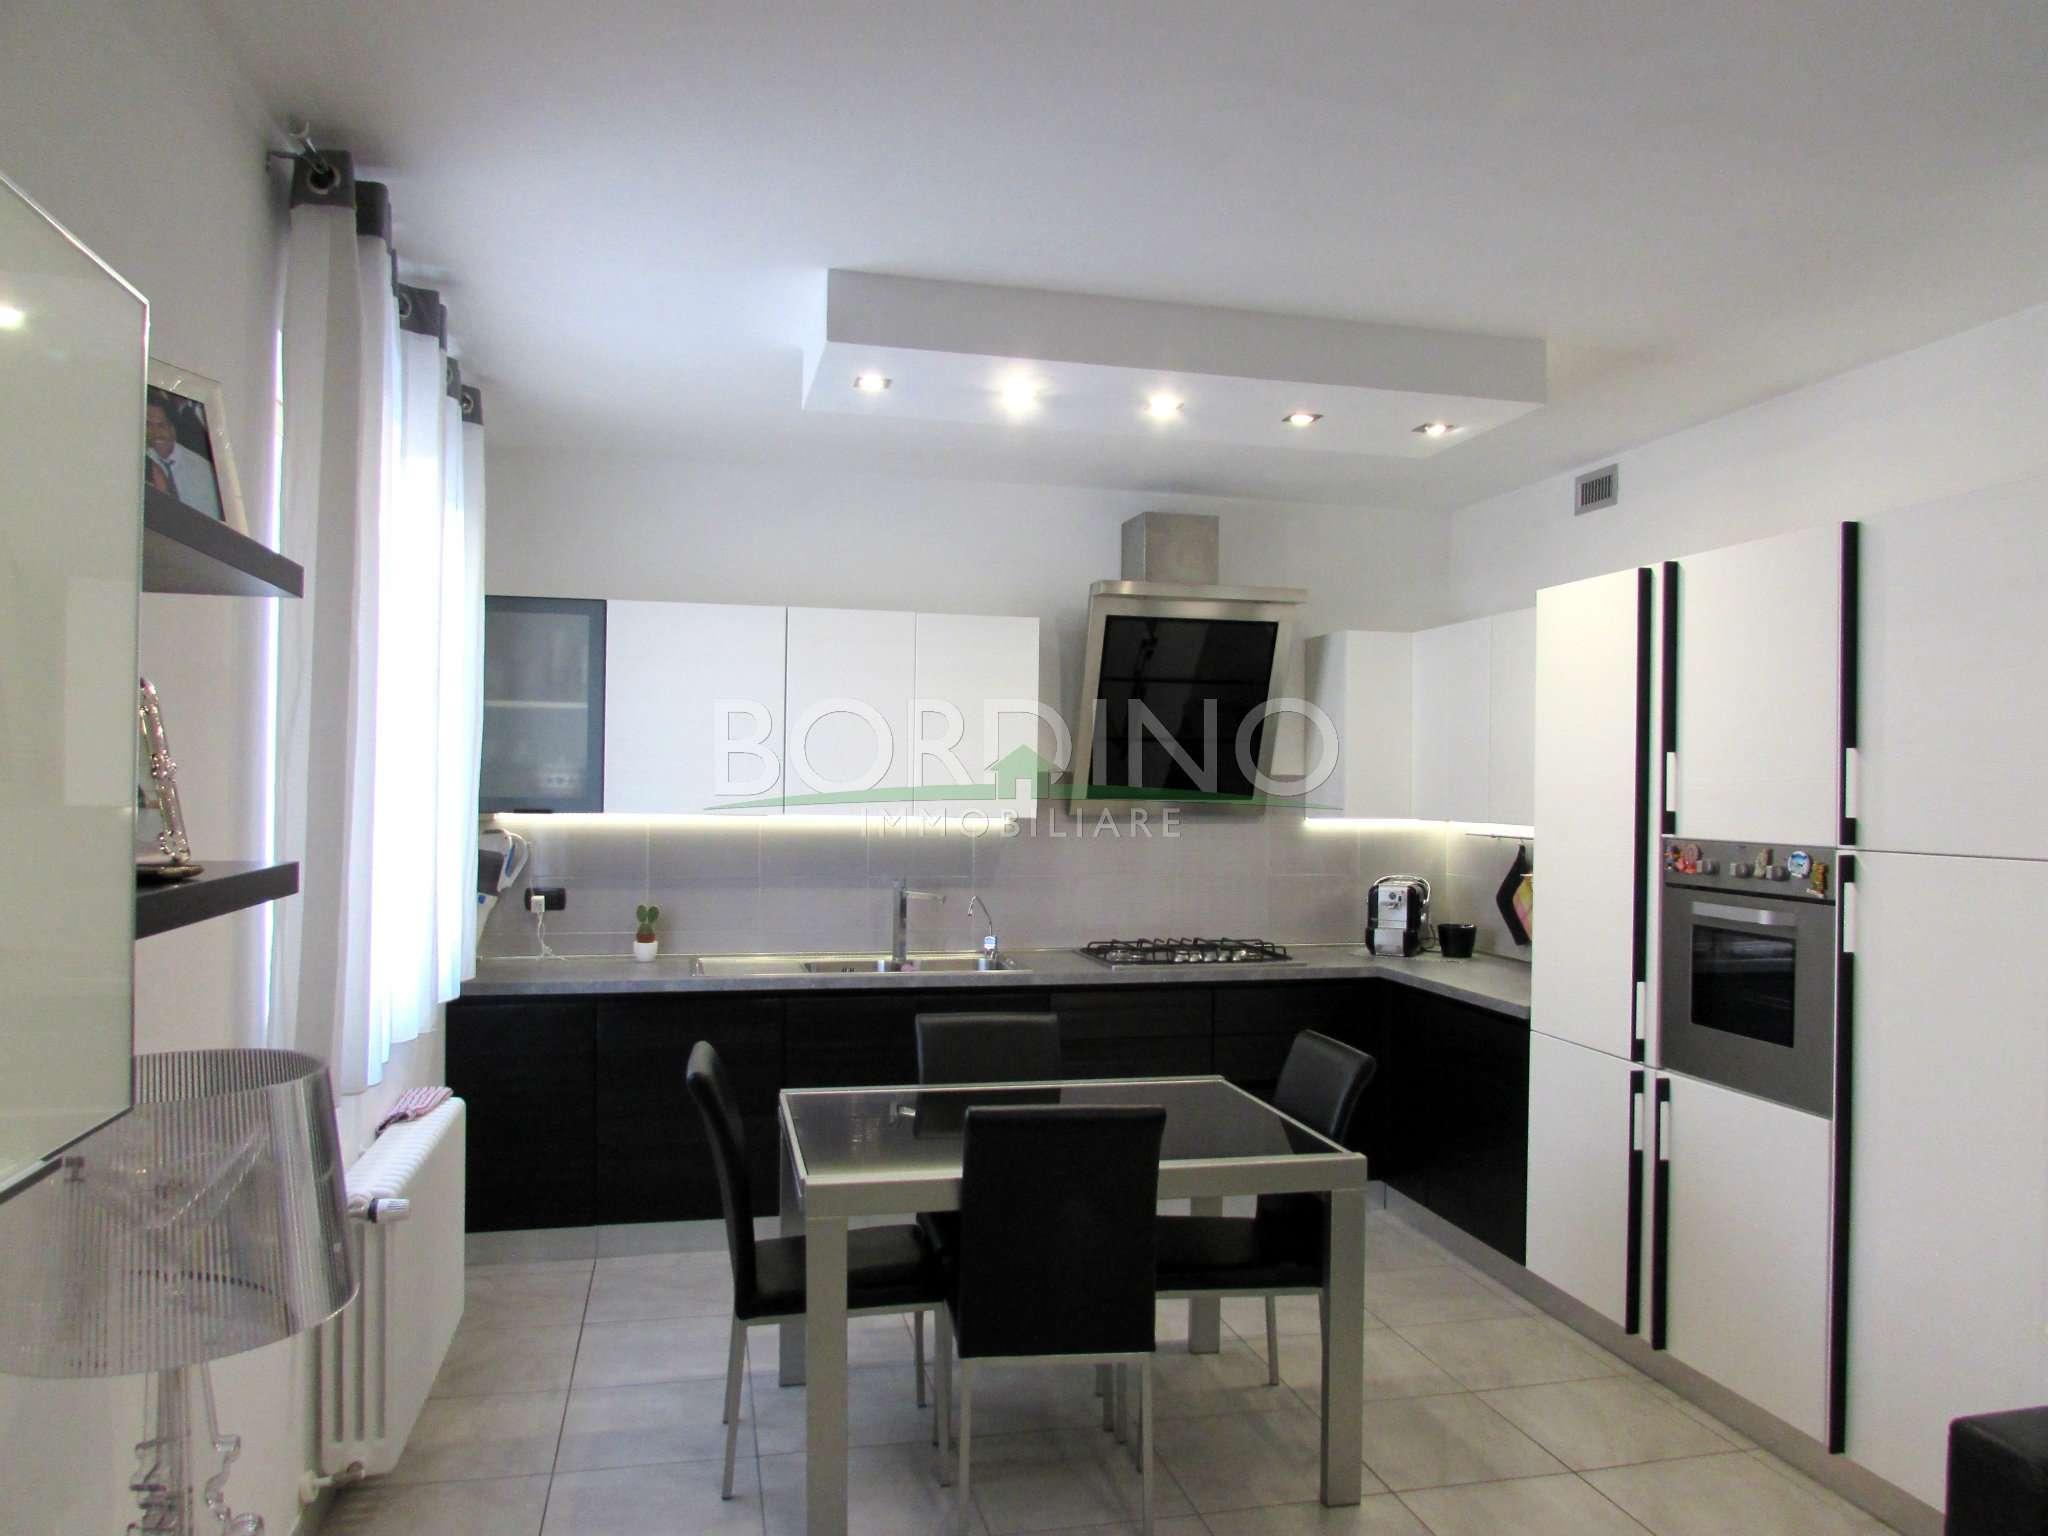 CANOVE DI GOVONE. Splendido appartamento nuovo.